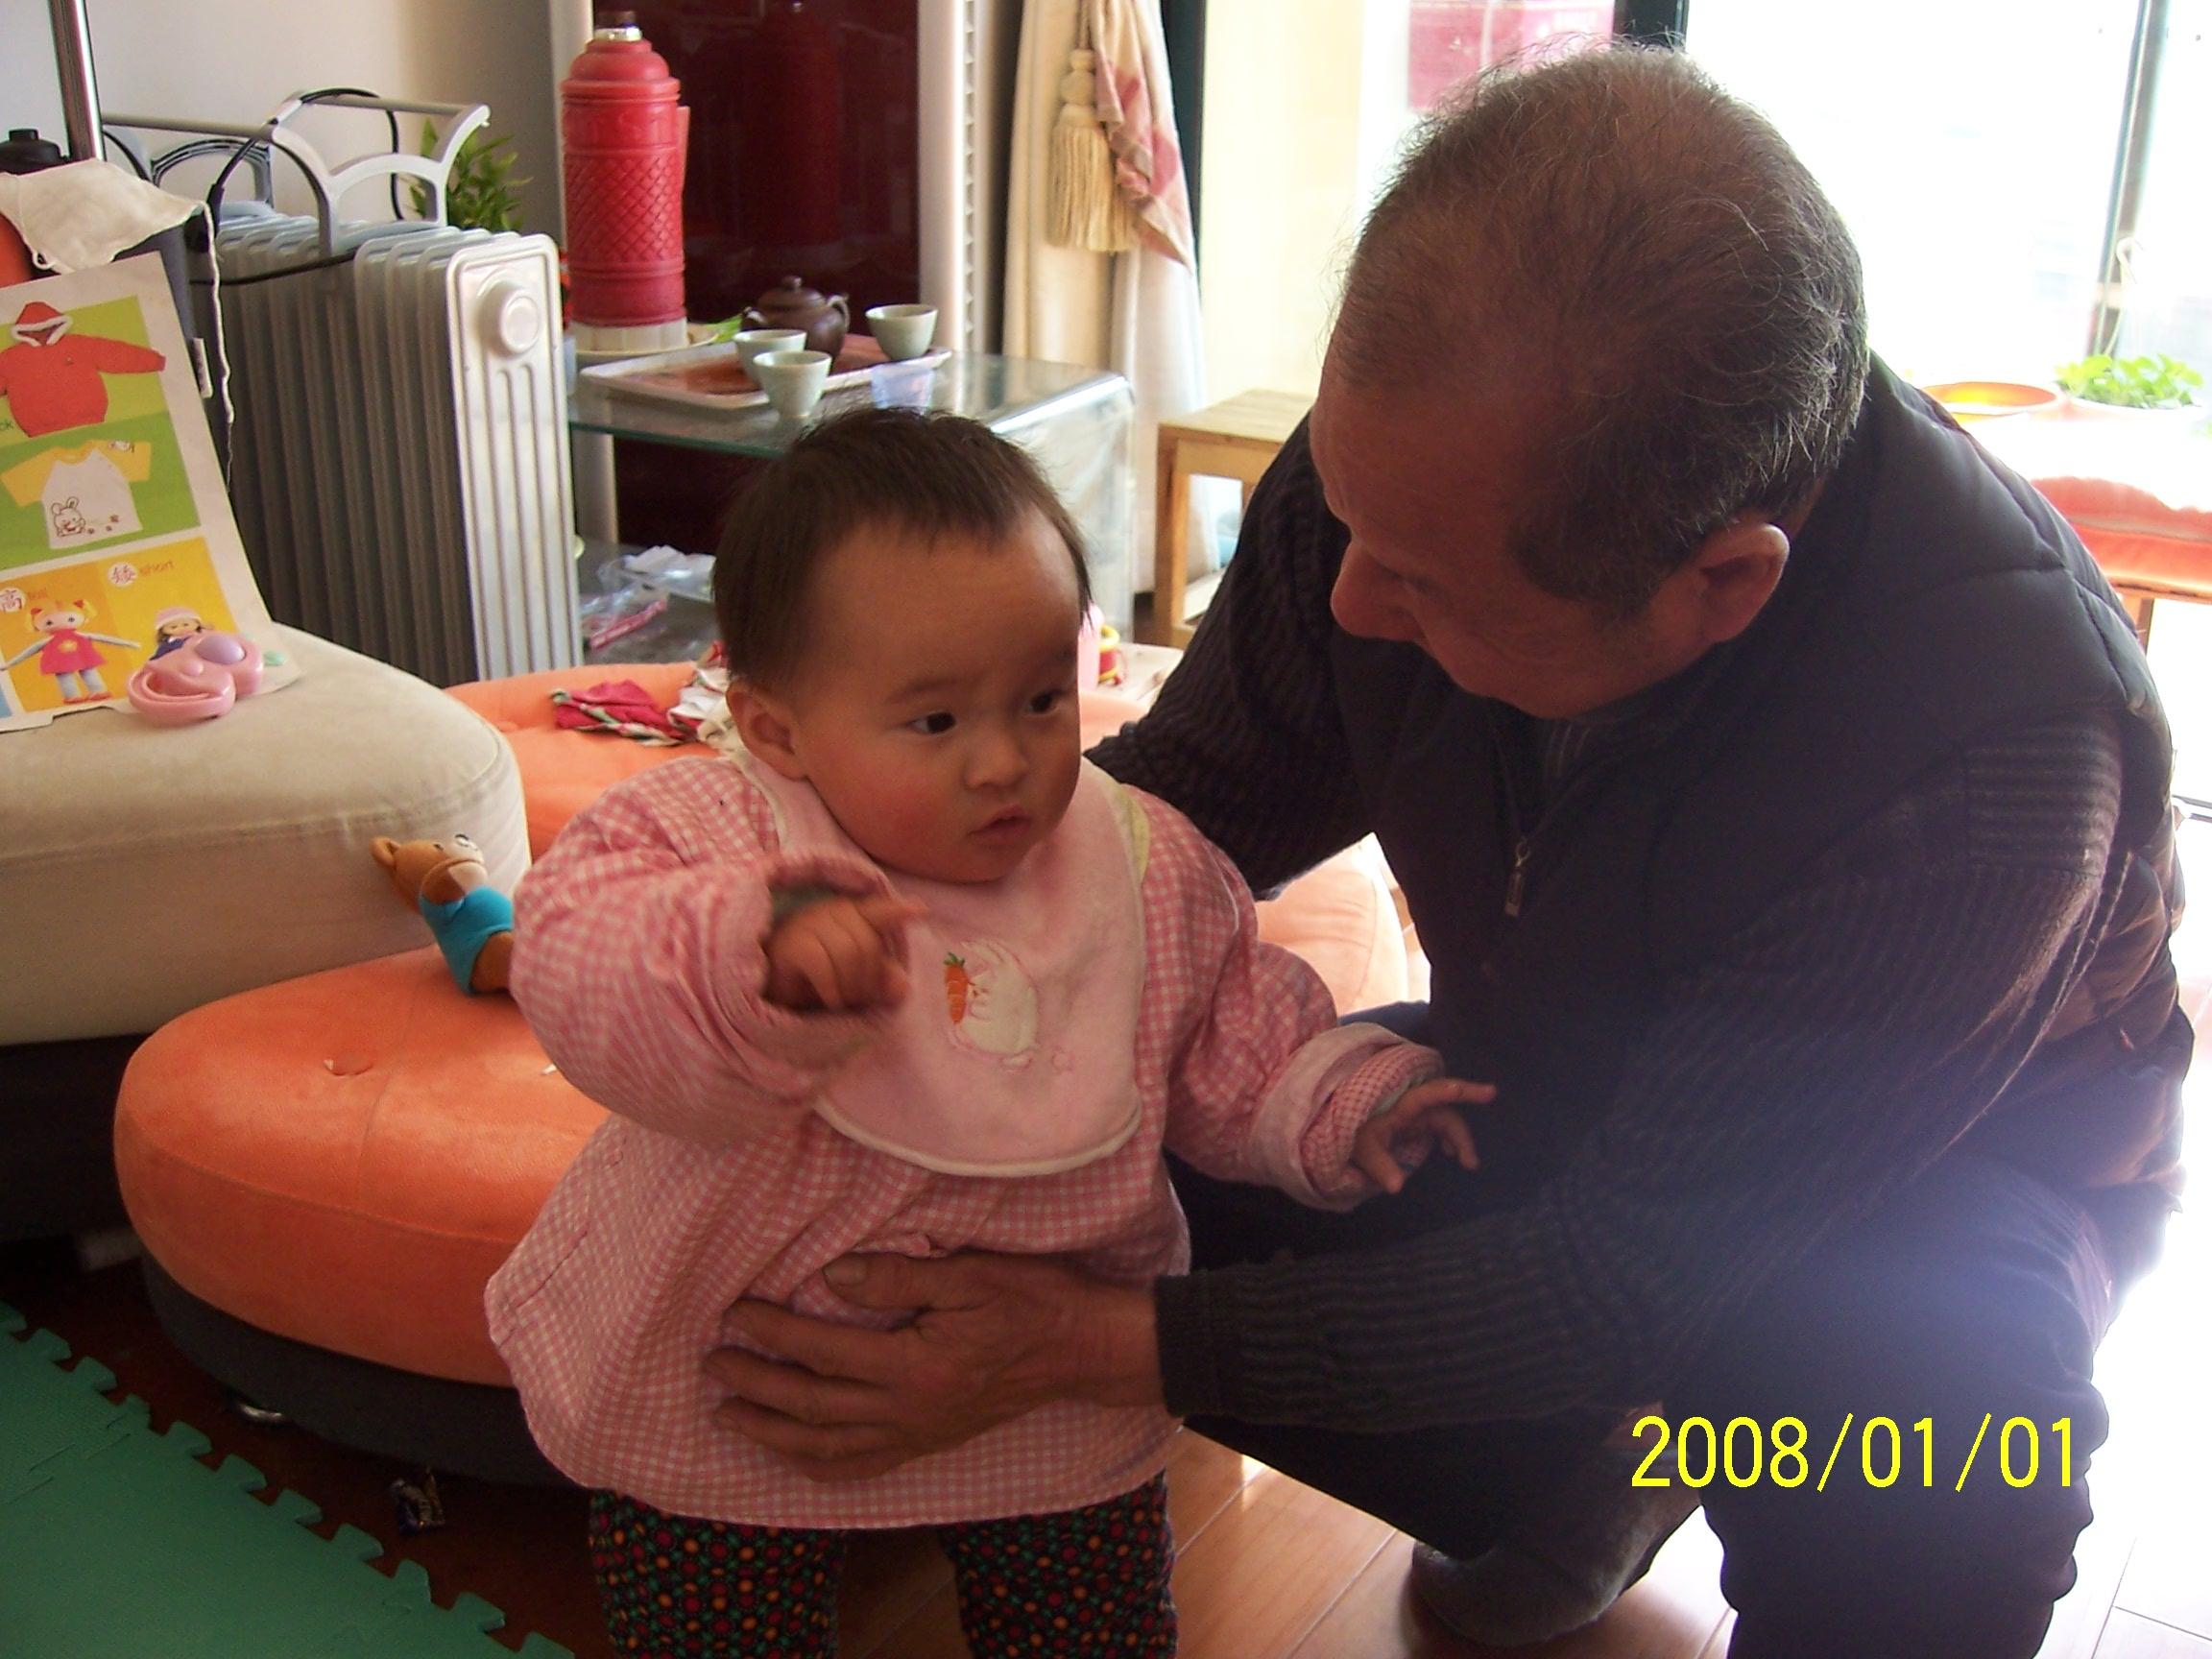 安妮安娜的歌_每天爸爸都会给宝贝放15分钟左右的安妮安娜的cd,这是福建